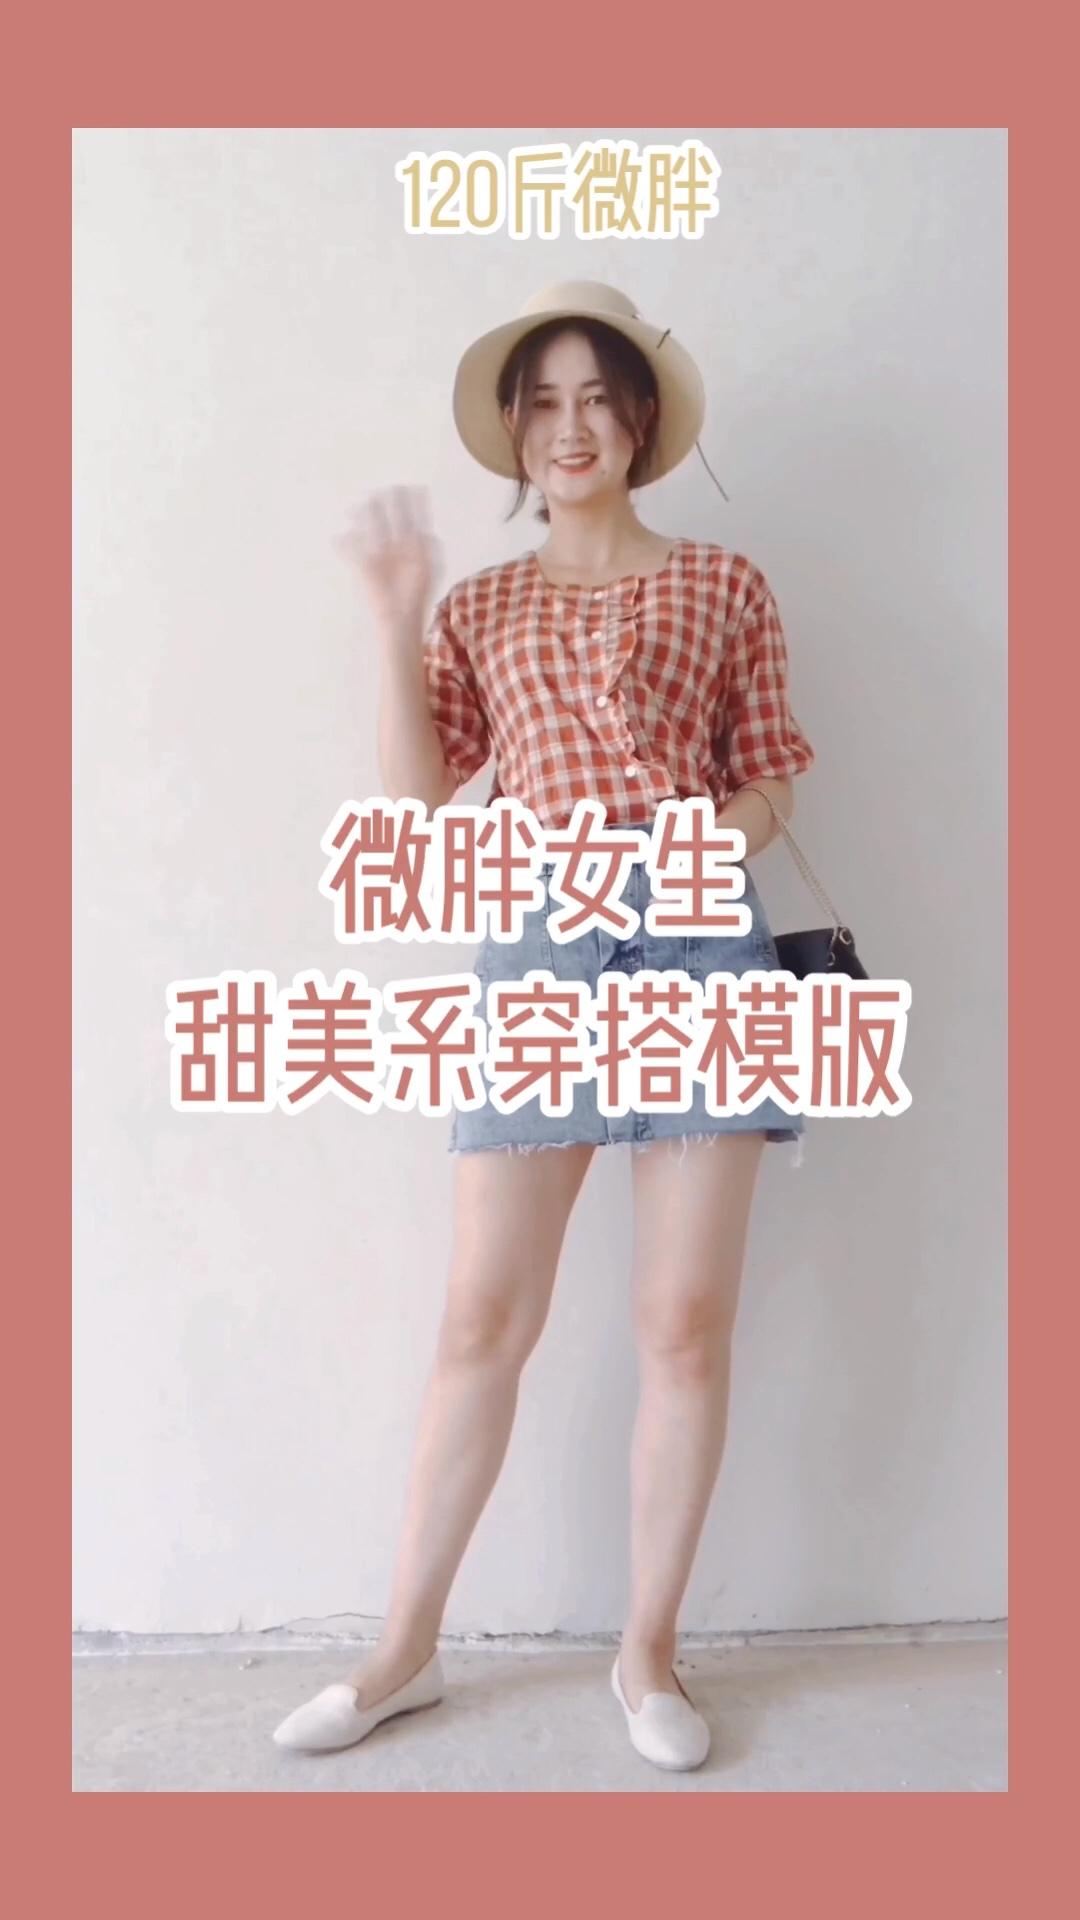 #懒癌+肥胖?终于有救了!#  红色方领设计的衬衣 搭配a版牛仔半身裙 显瘦又甜美 微胖女孩👧福音哦